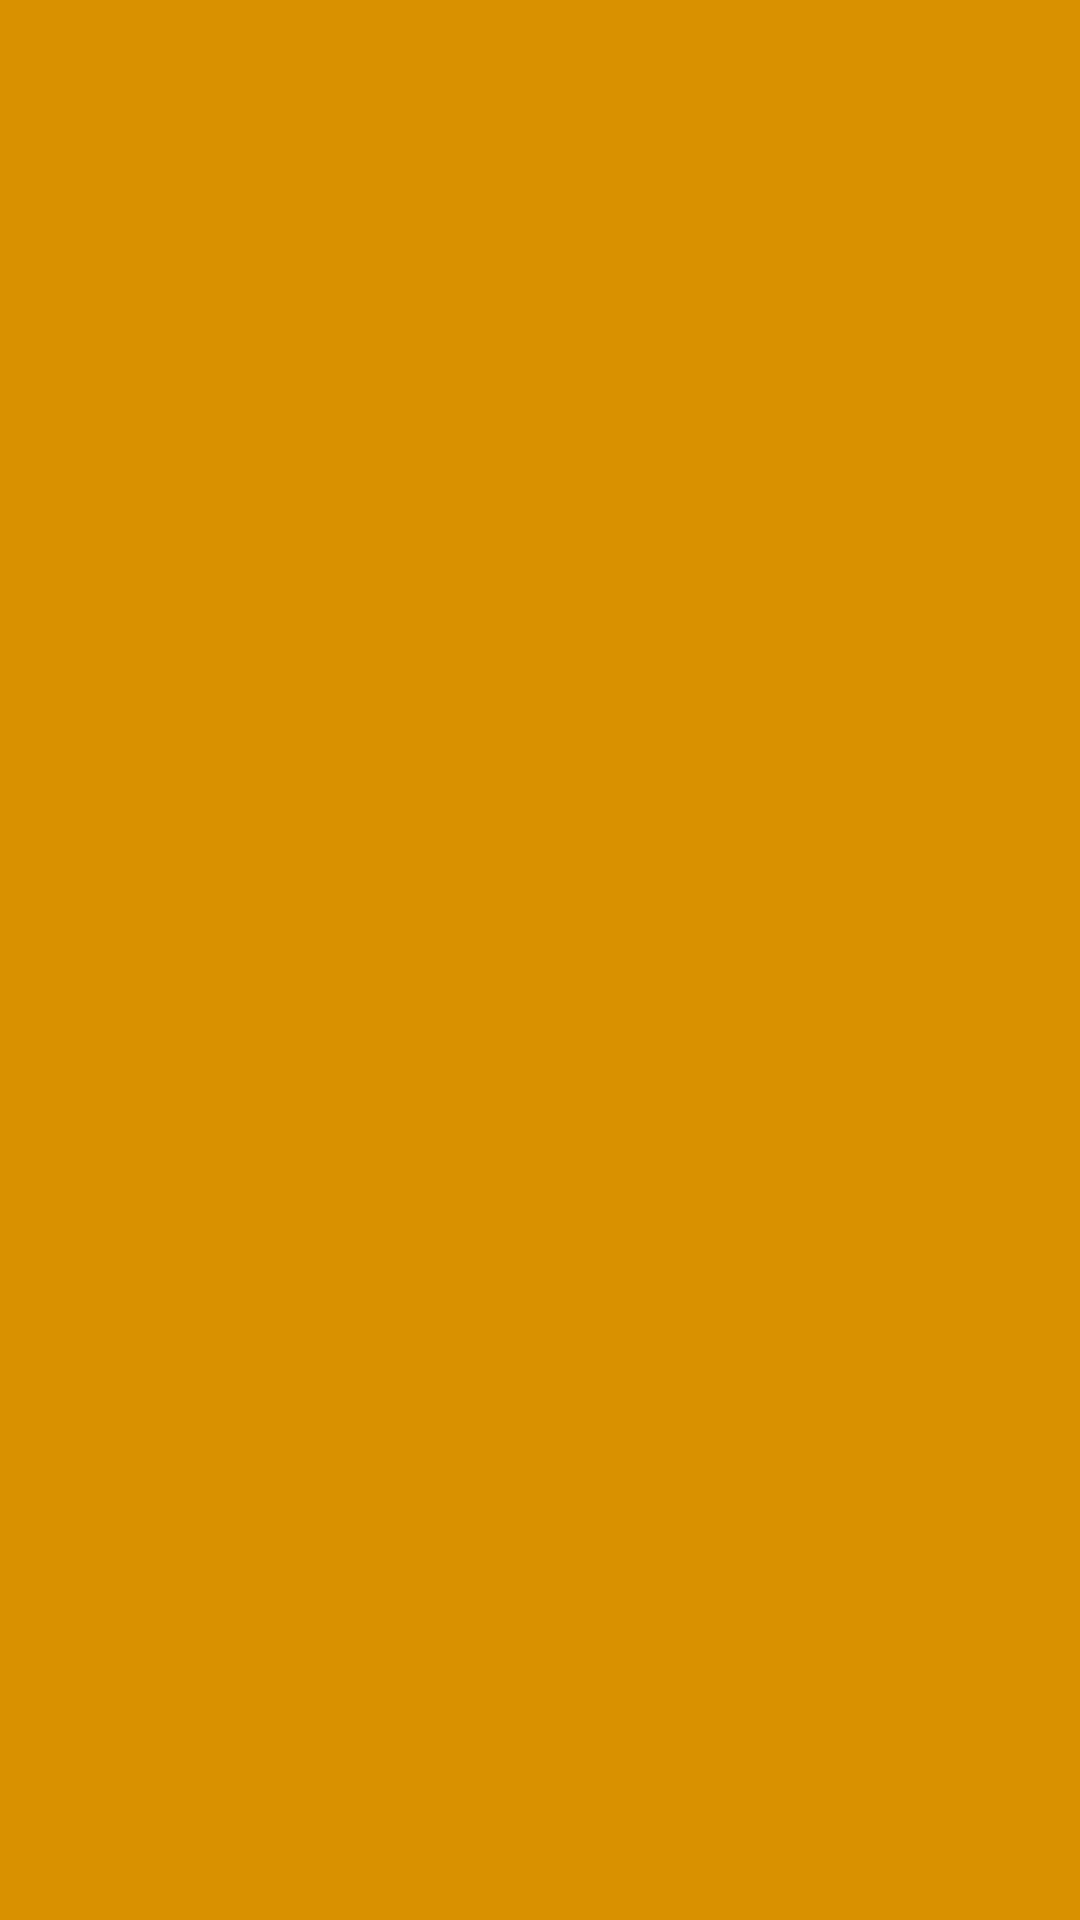 1080x1920 Harvest Gold Solid Color Background